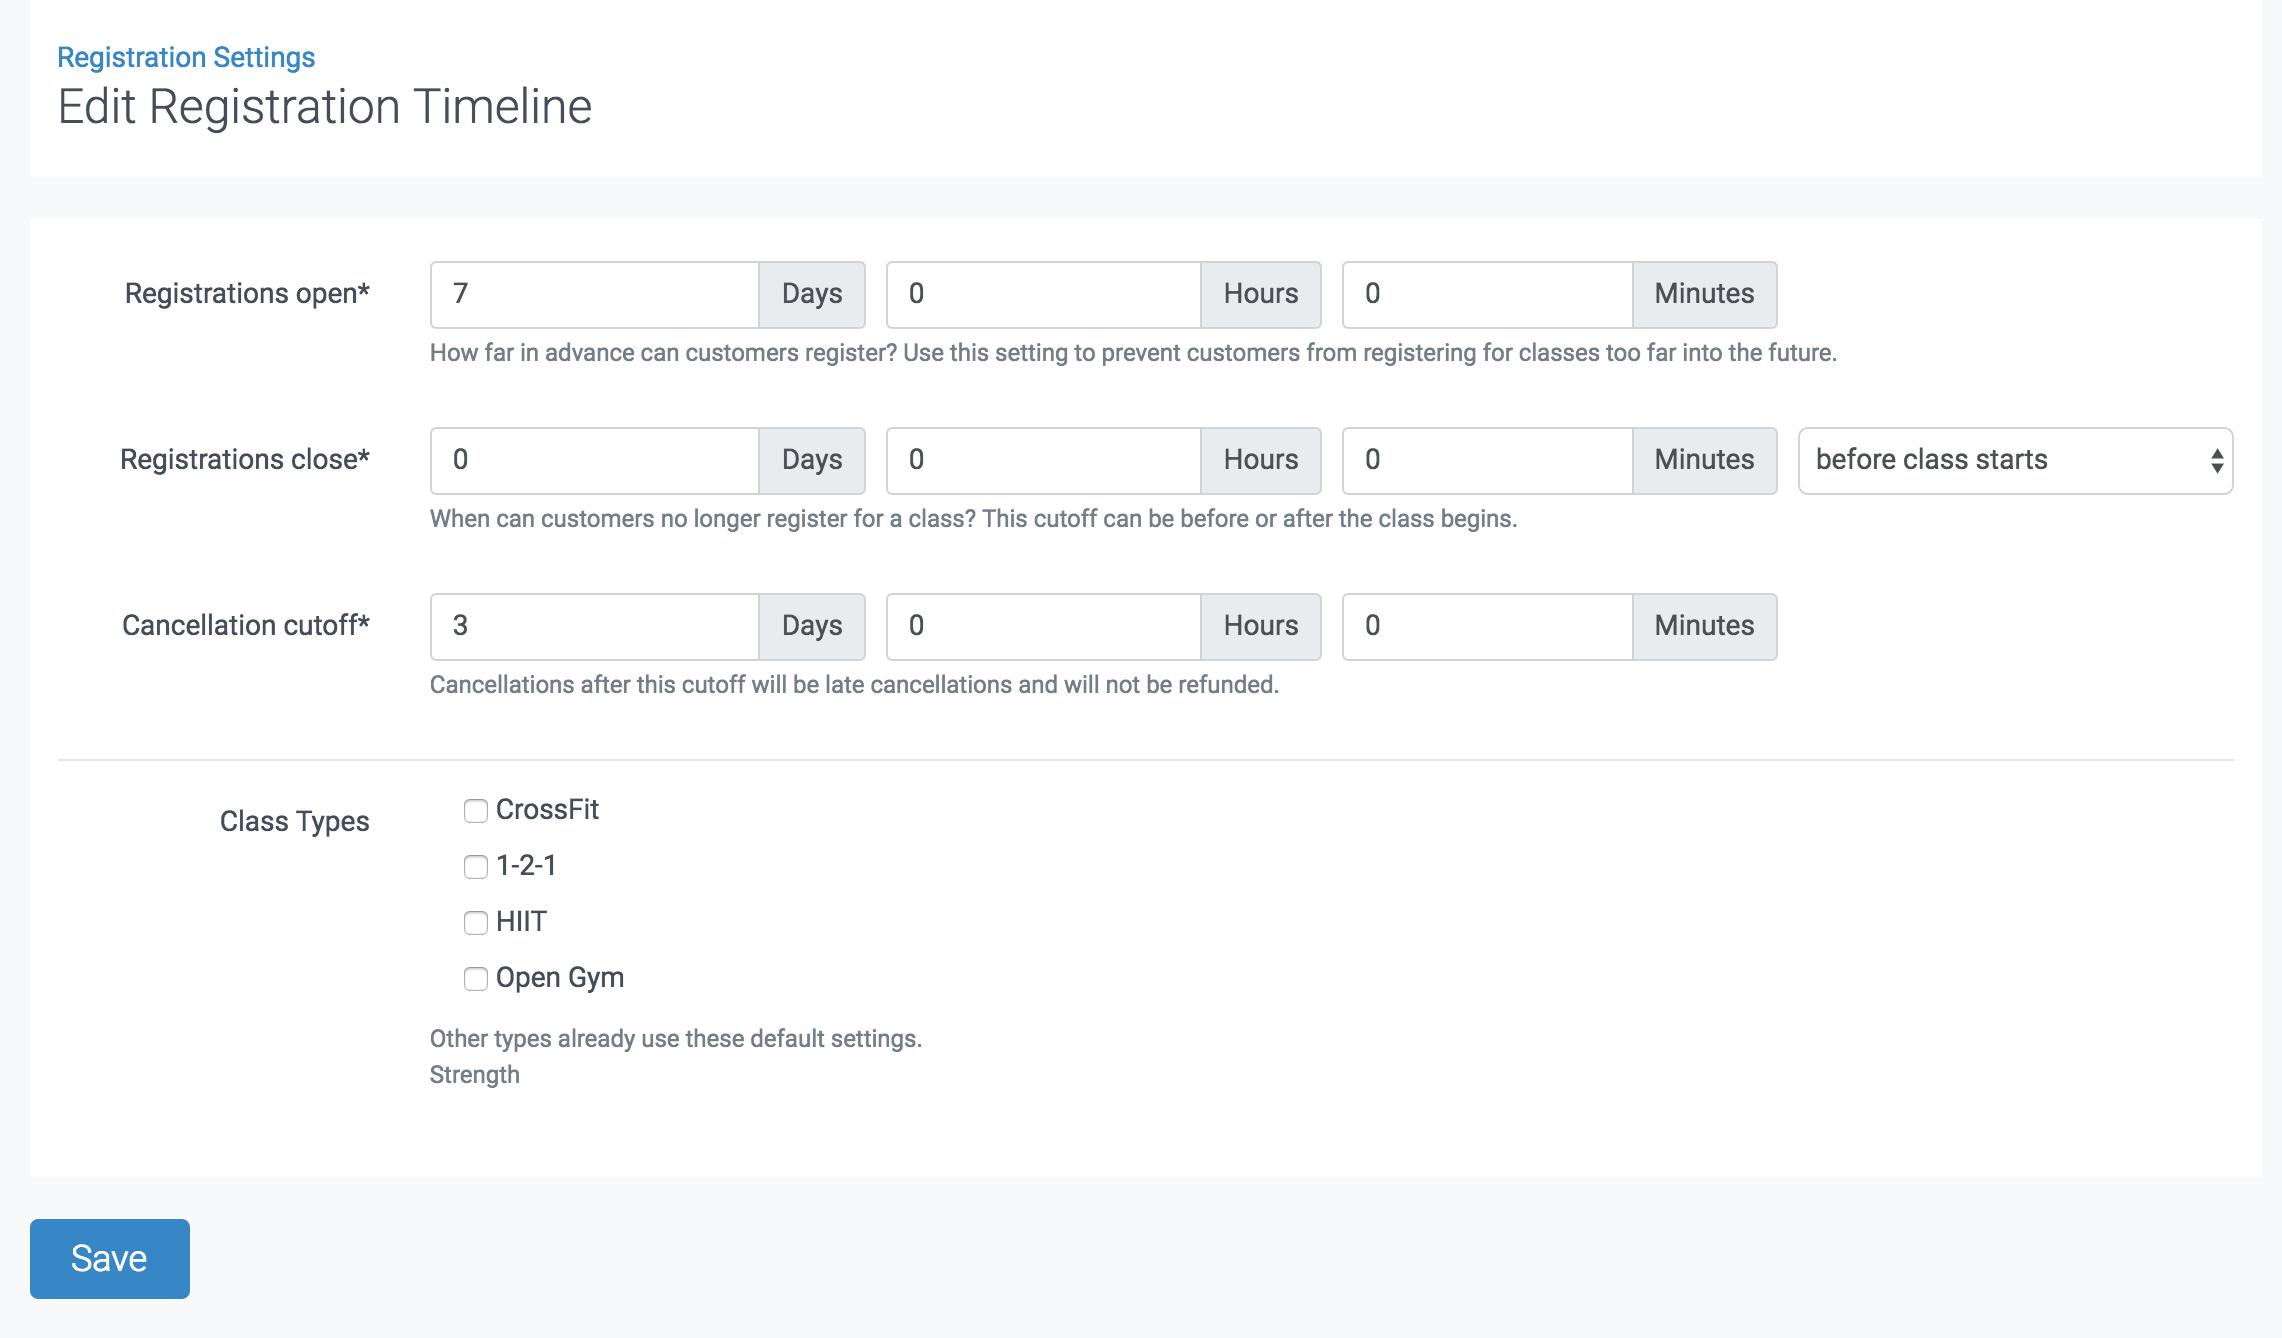 rs-registration_timelines_edit.png